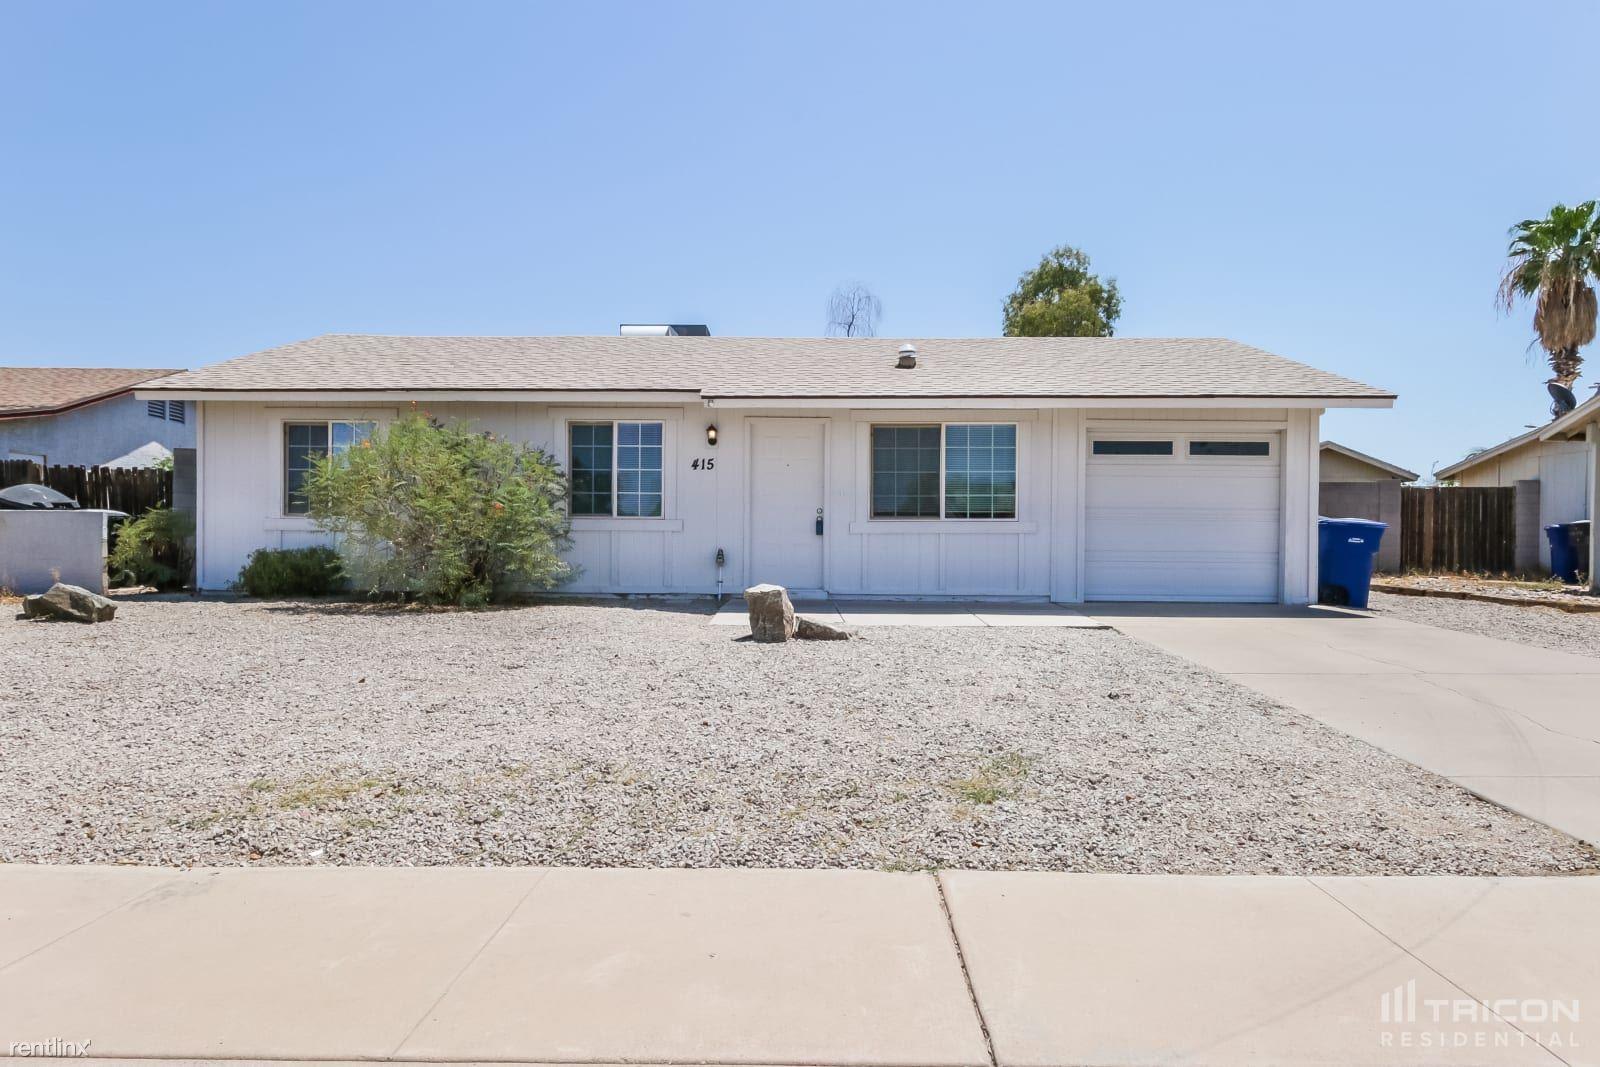 415 N Criss Street, Chandler, AZ - 1,849 USD/ month